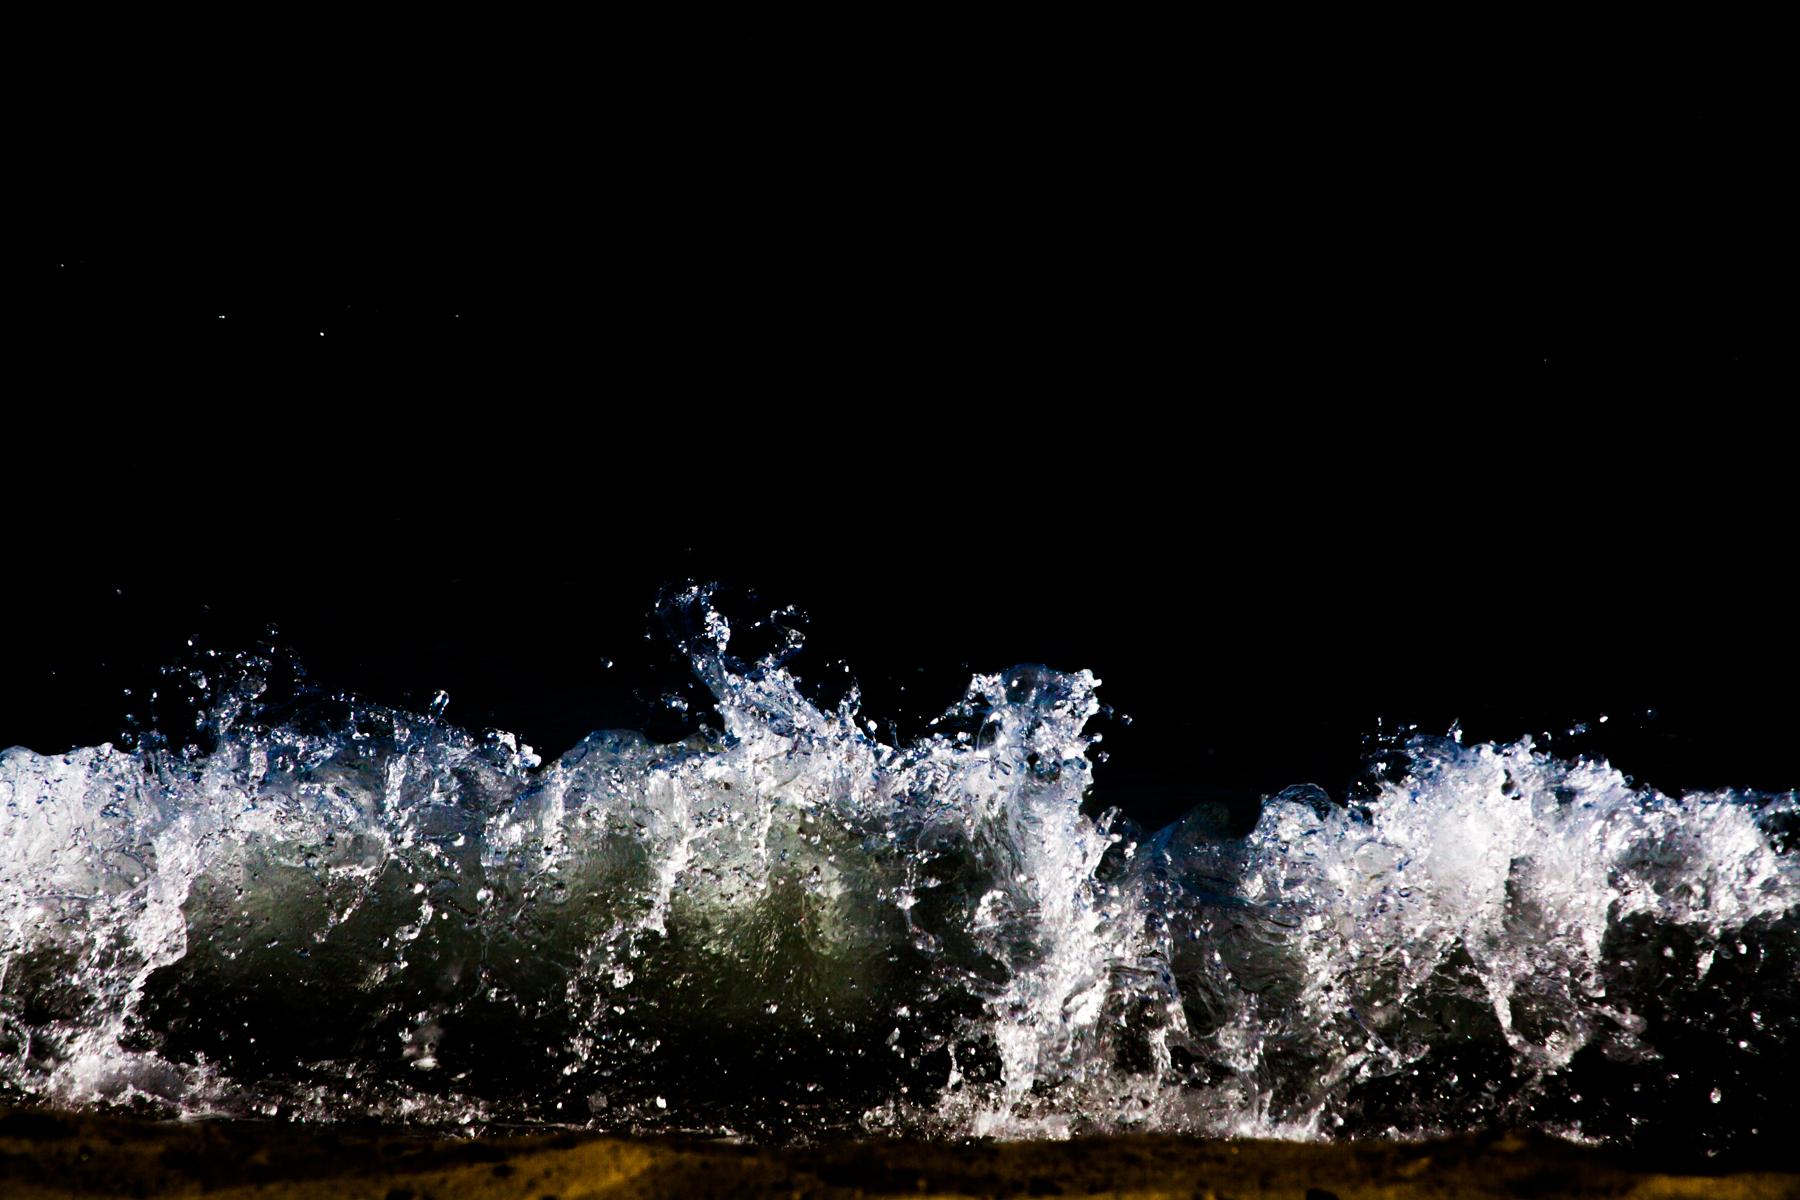 Anastasia_Kioulafa_Waves_Untitled-4.jpg